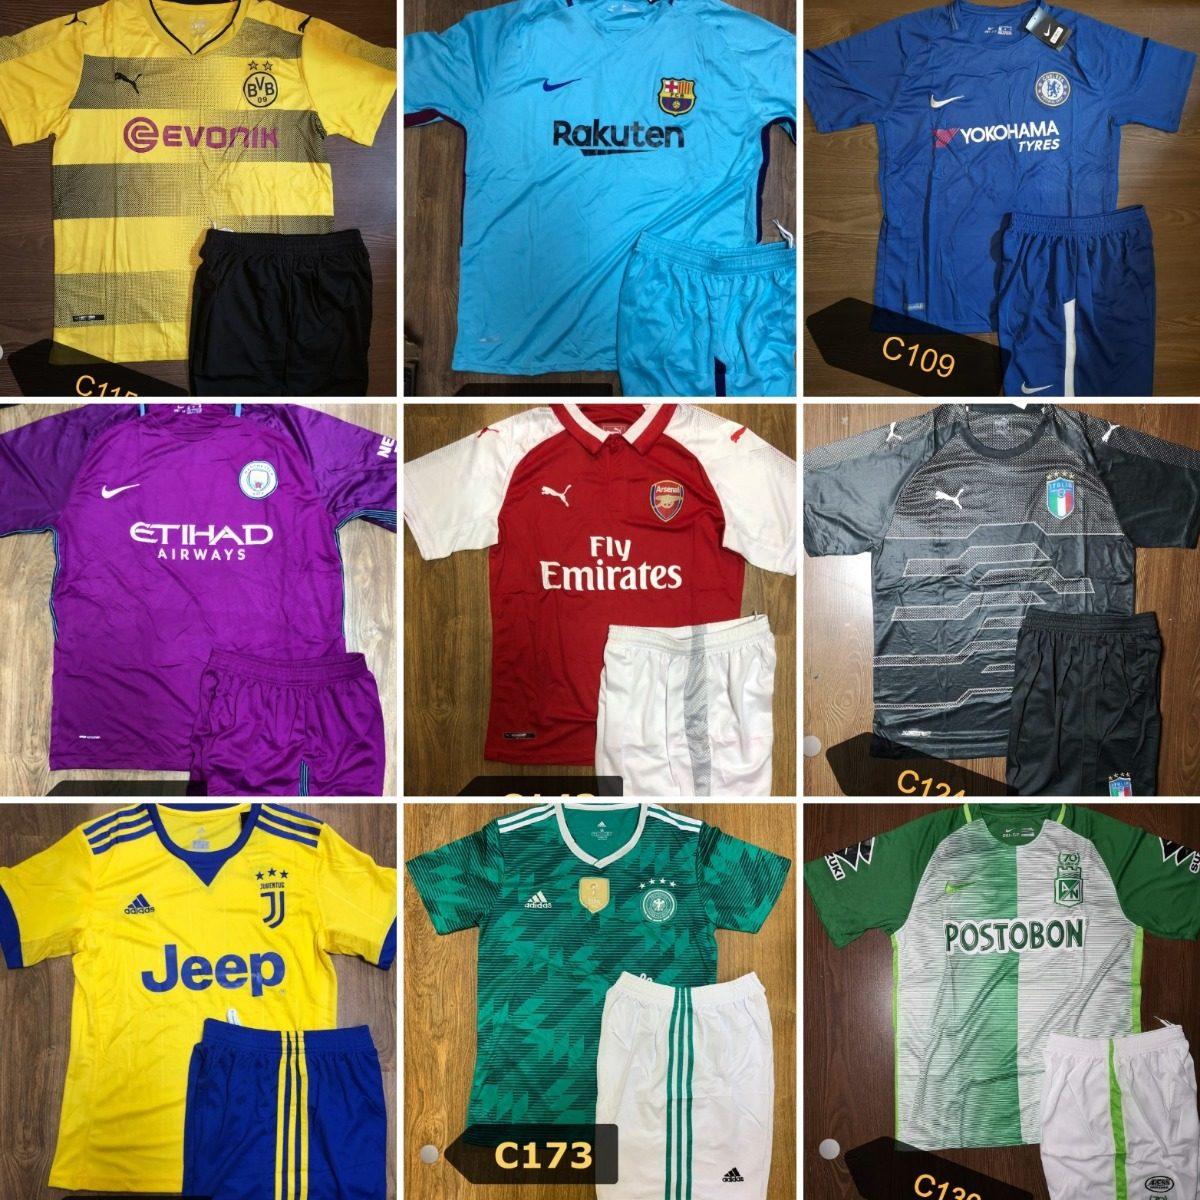 52c13385997cb envio gratis conjuntos de camiseta+short de equipos europeos. Cargando zoom.